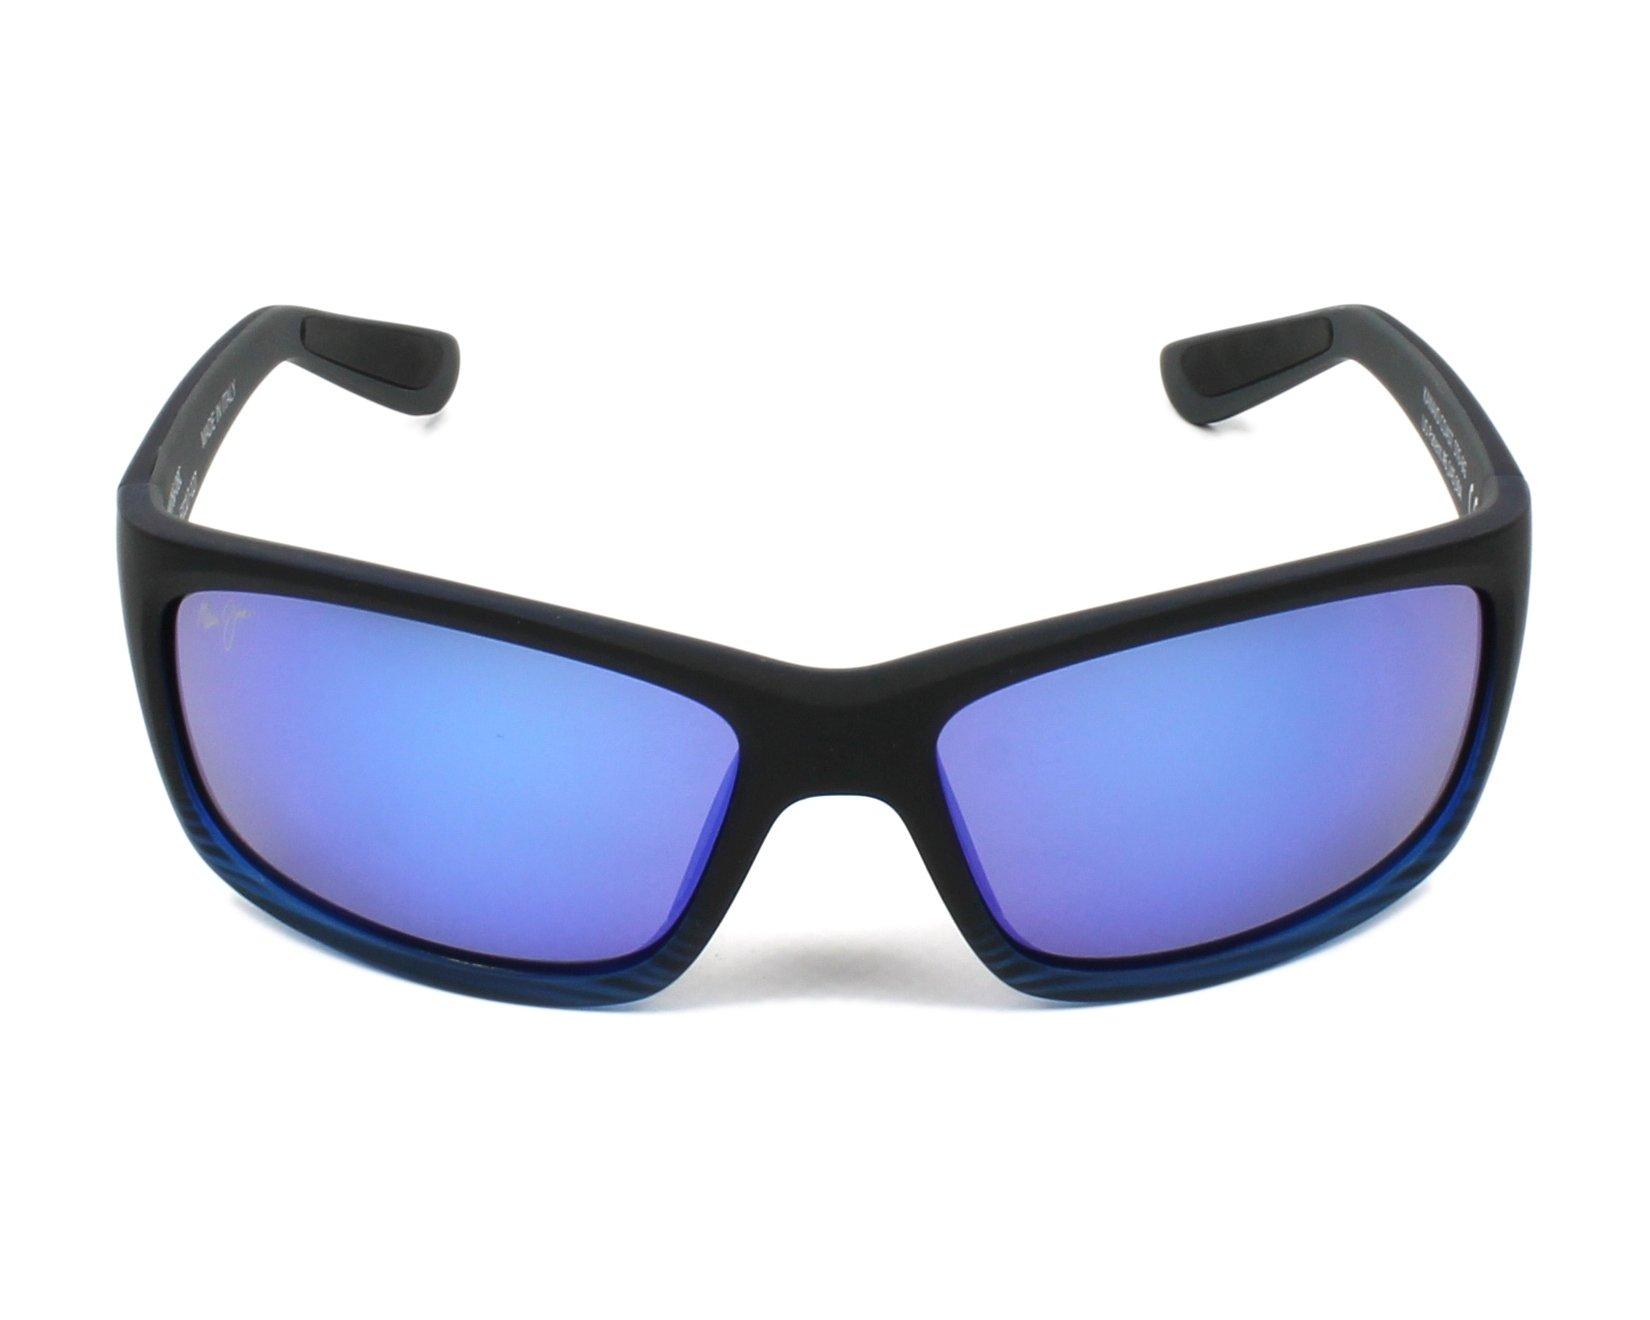 92c5f3336fa Lunettes de soleil Maui Jim B-766 08C 61-17 Noir vue de face